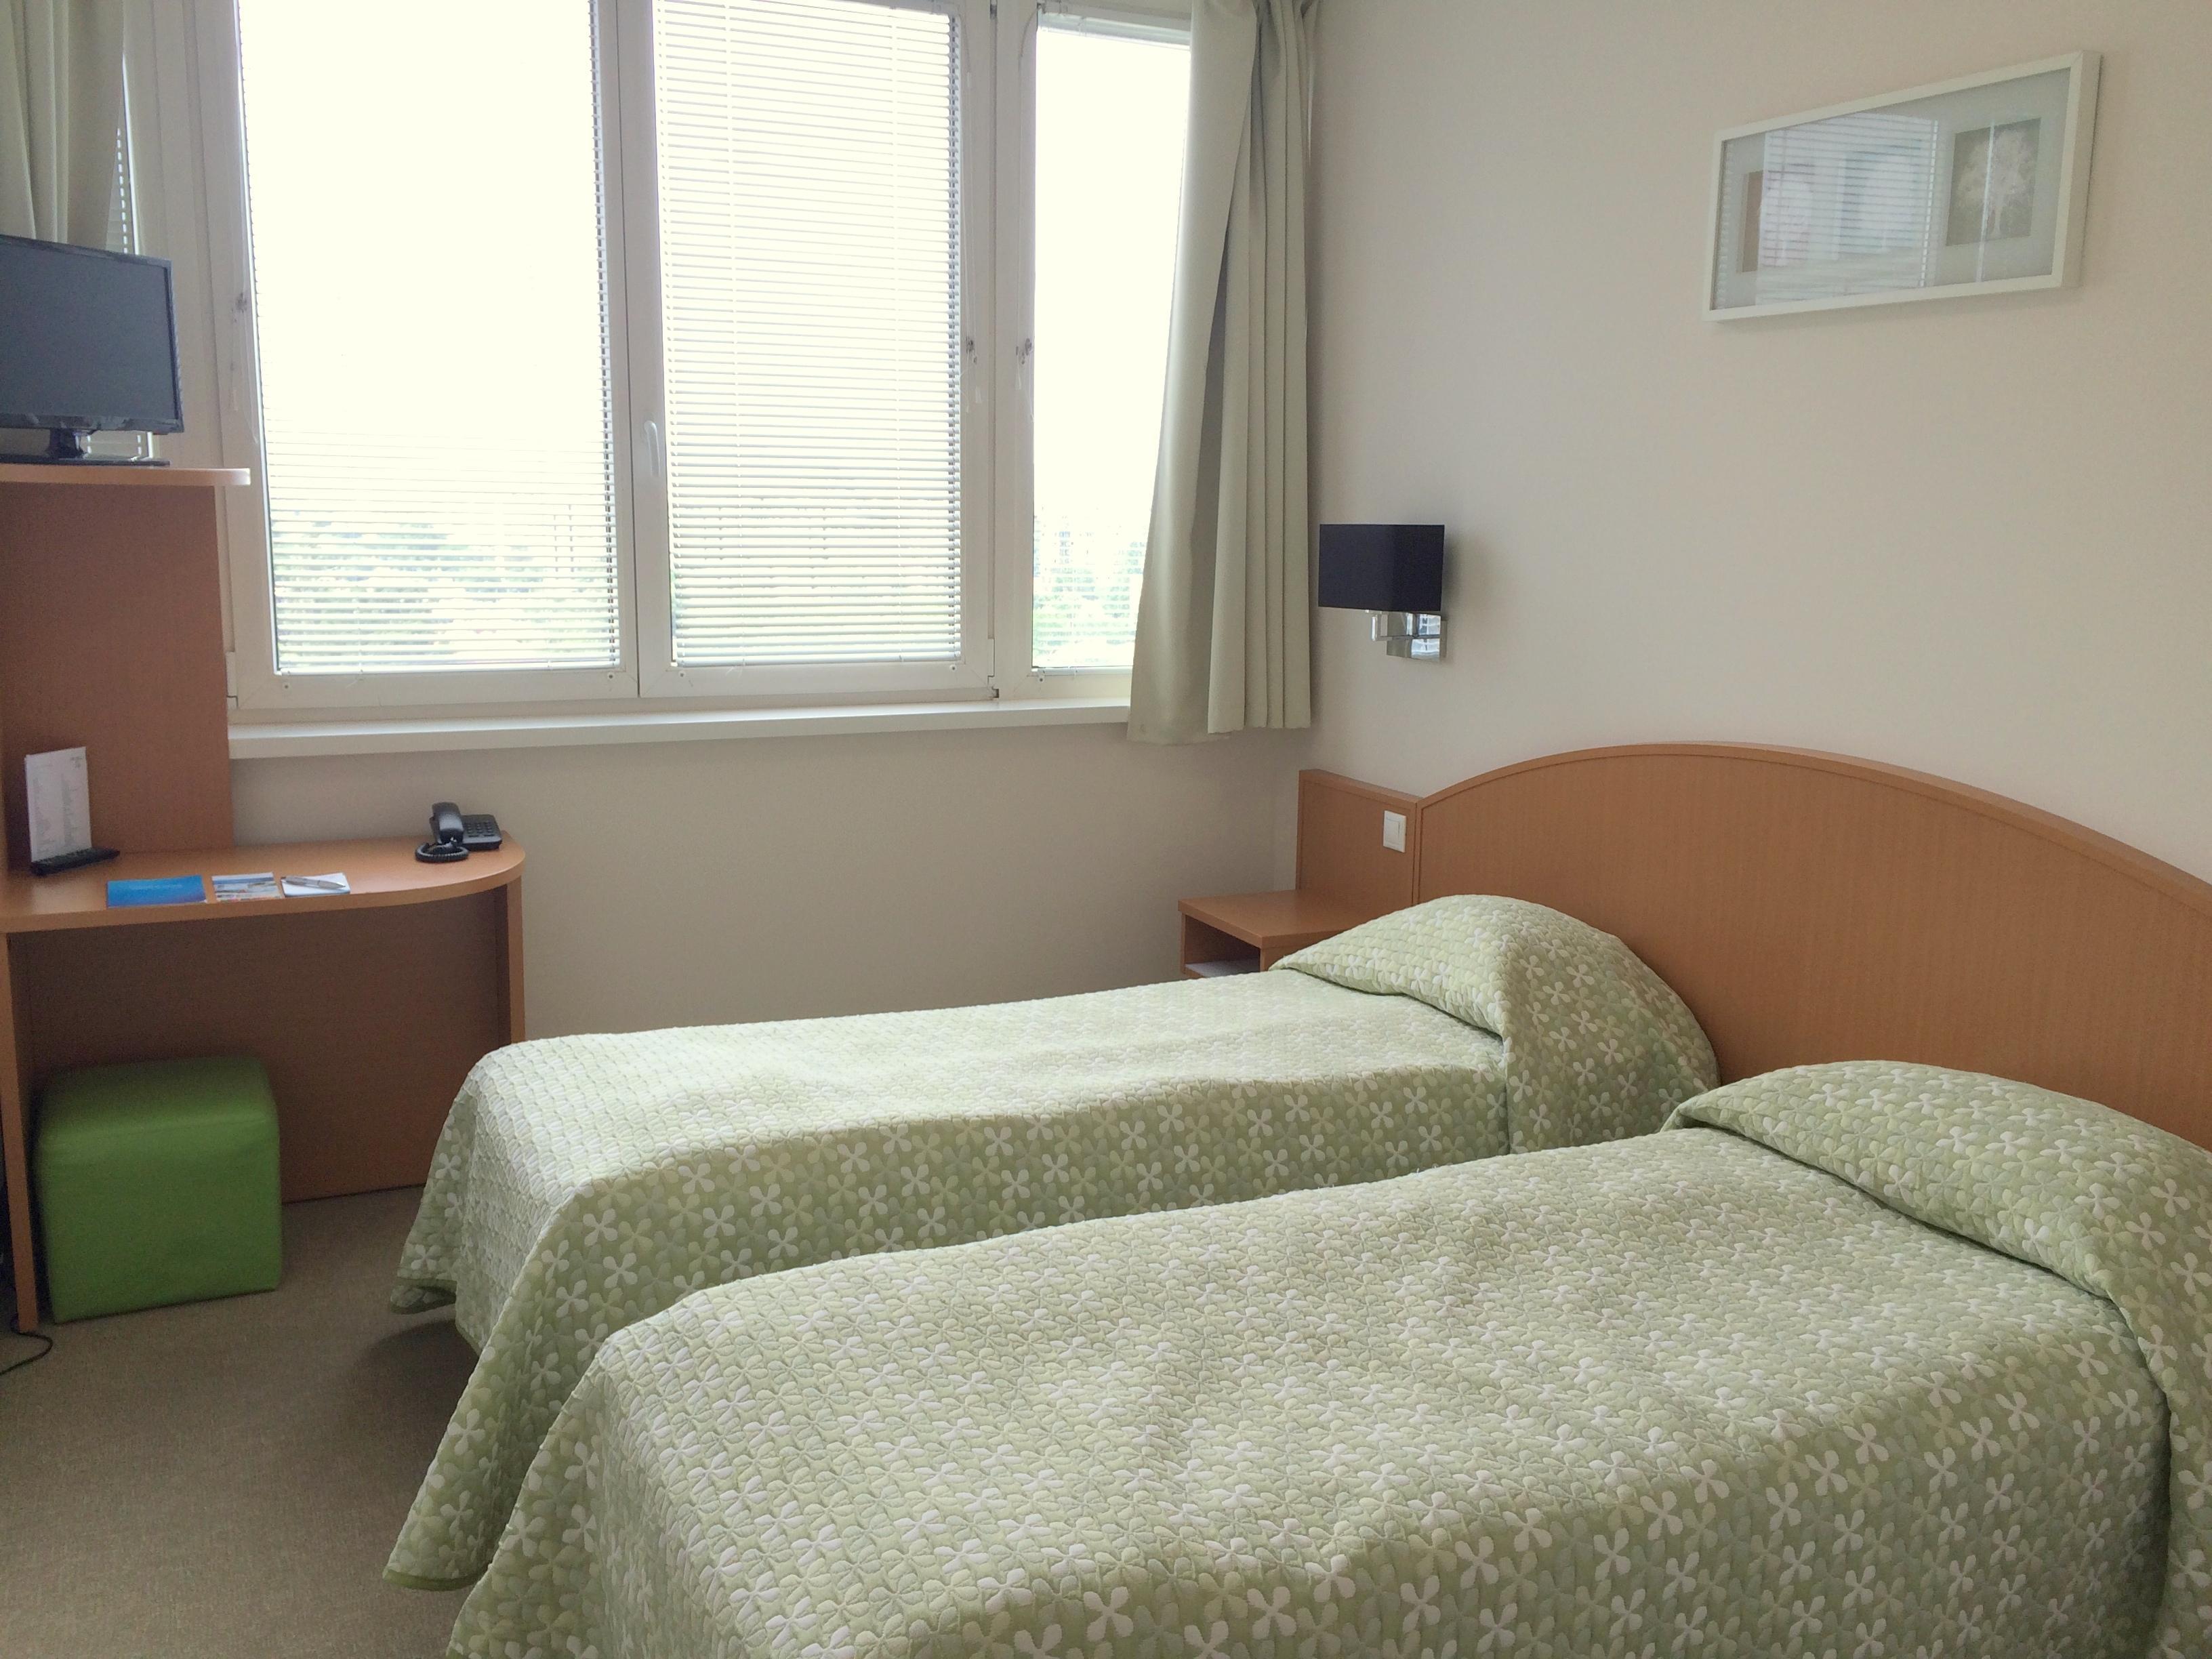 Residence Center room